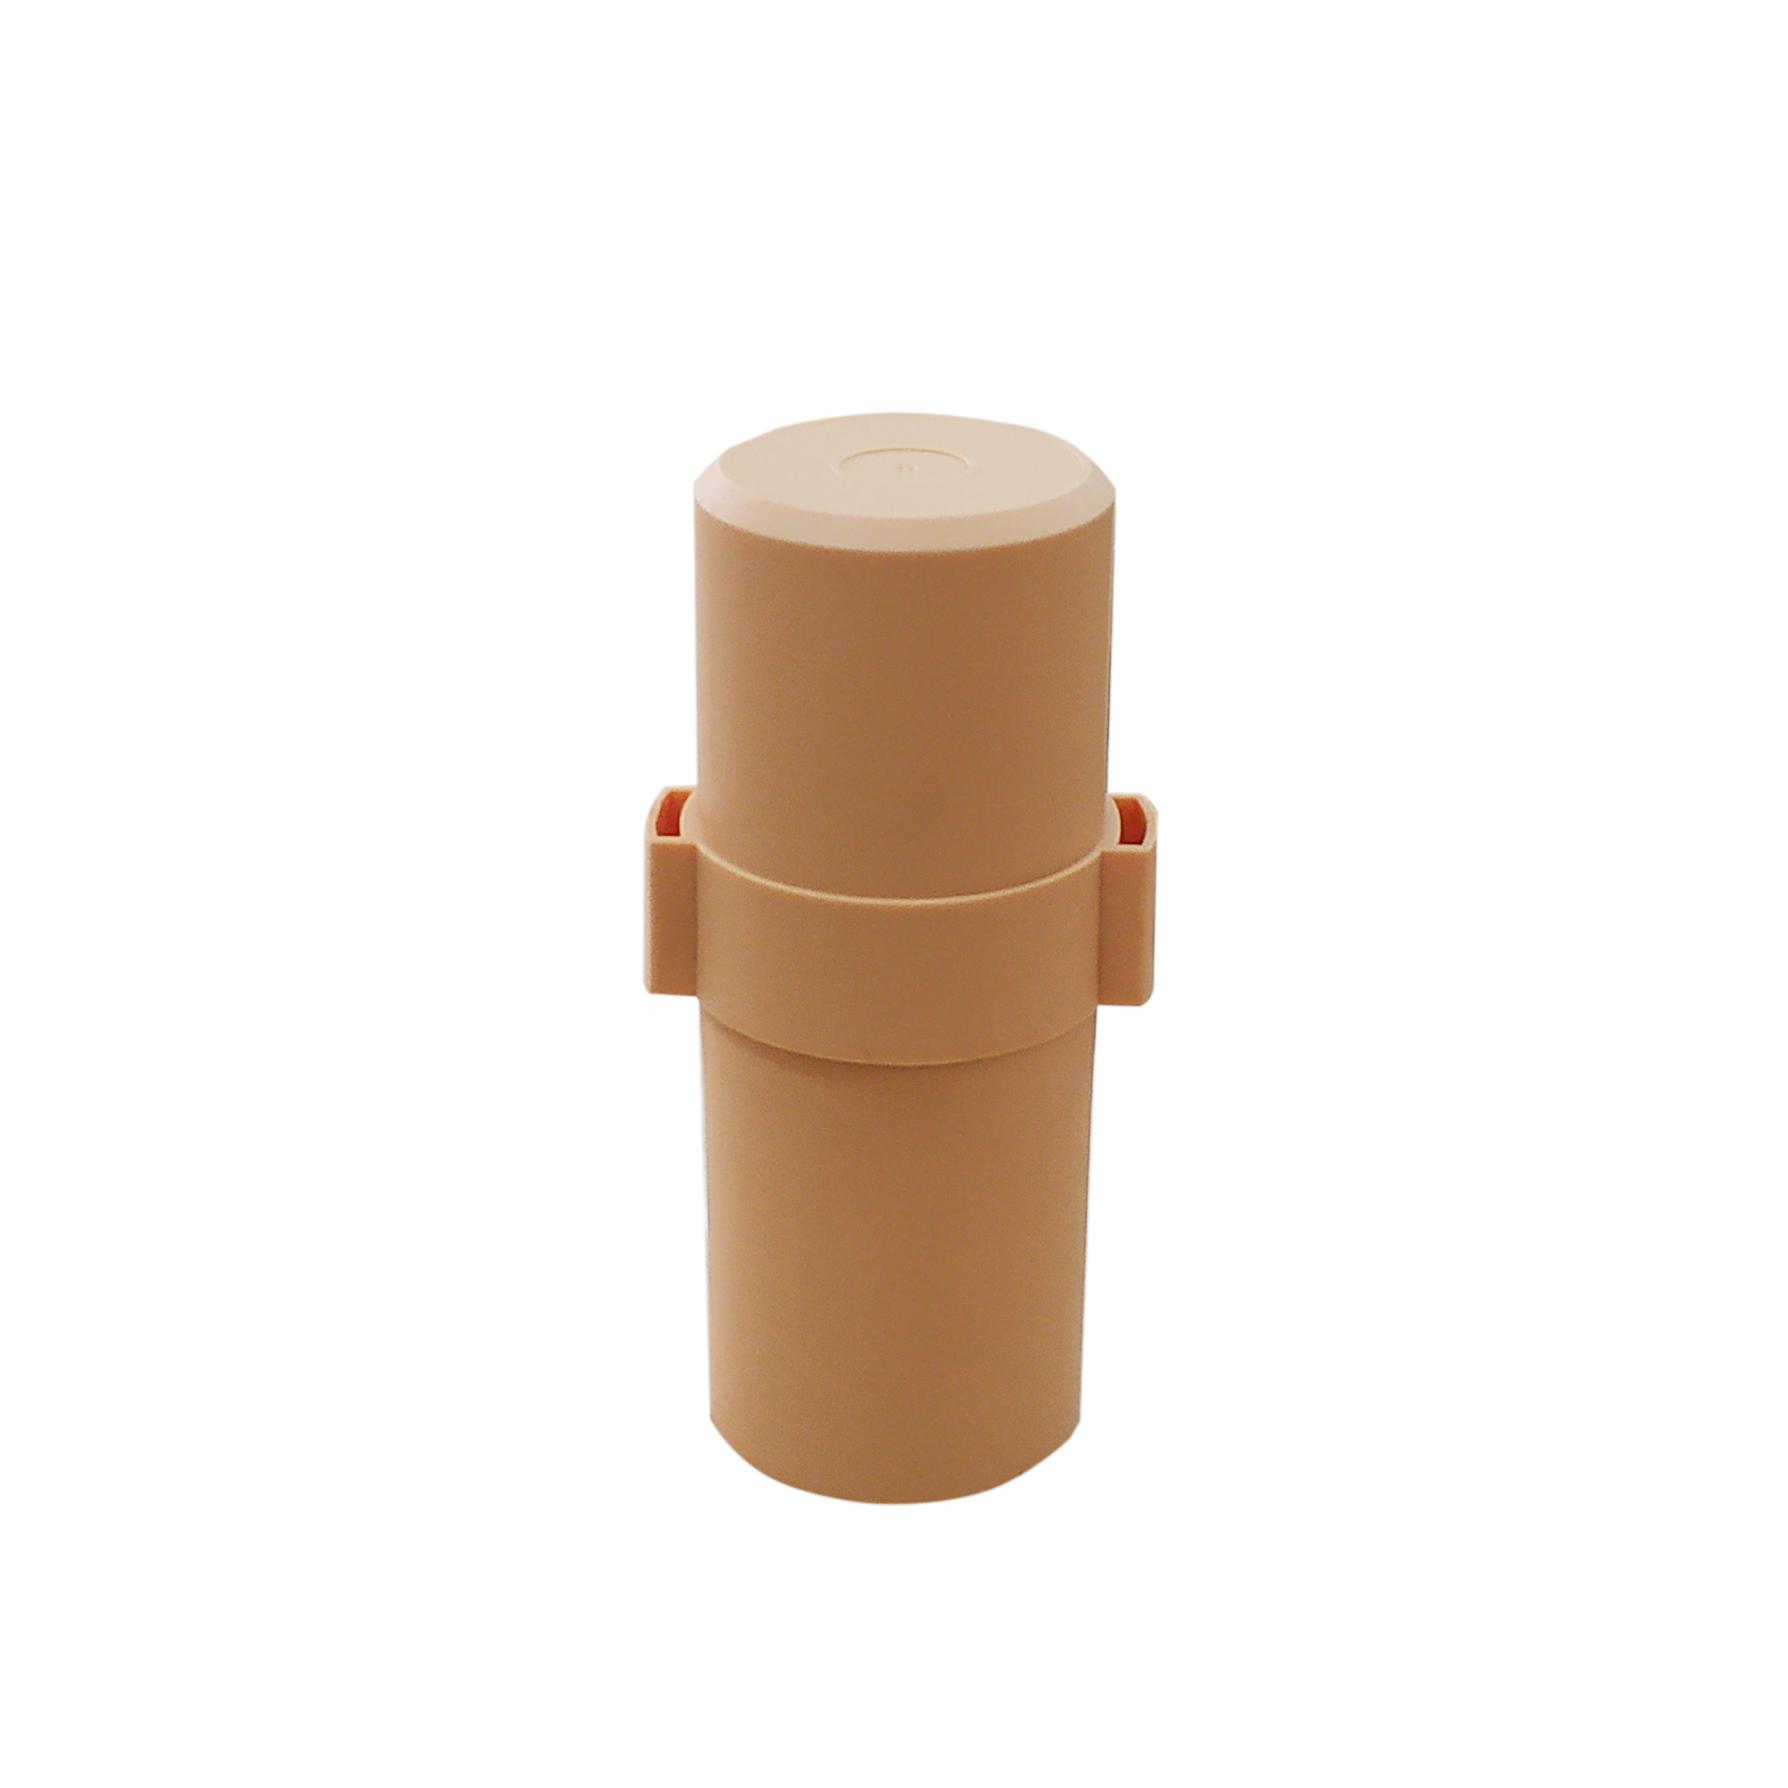 地下管线电子标识器/地下管道标签